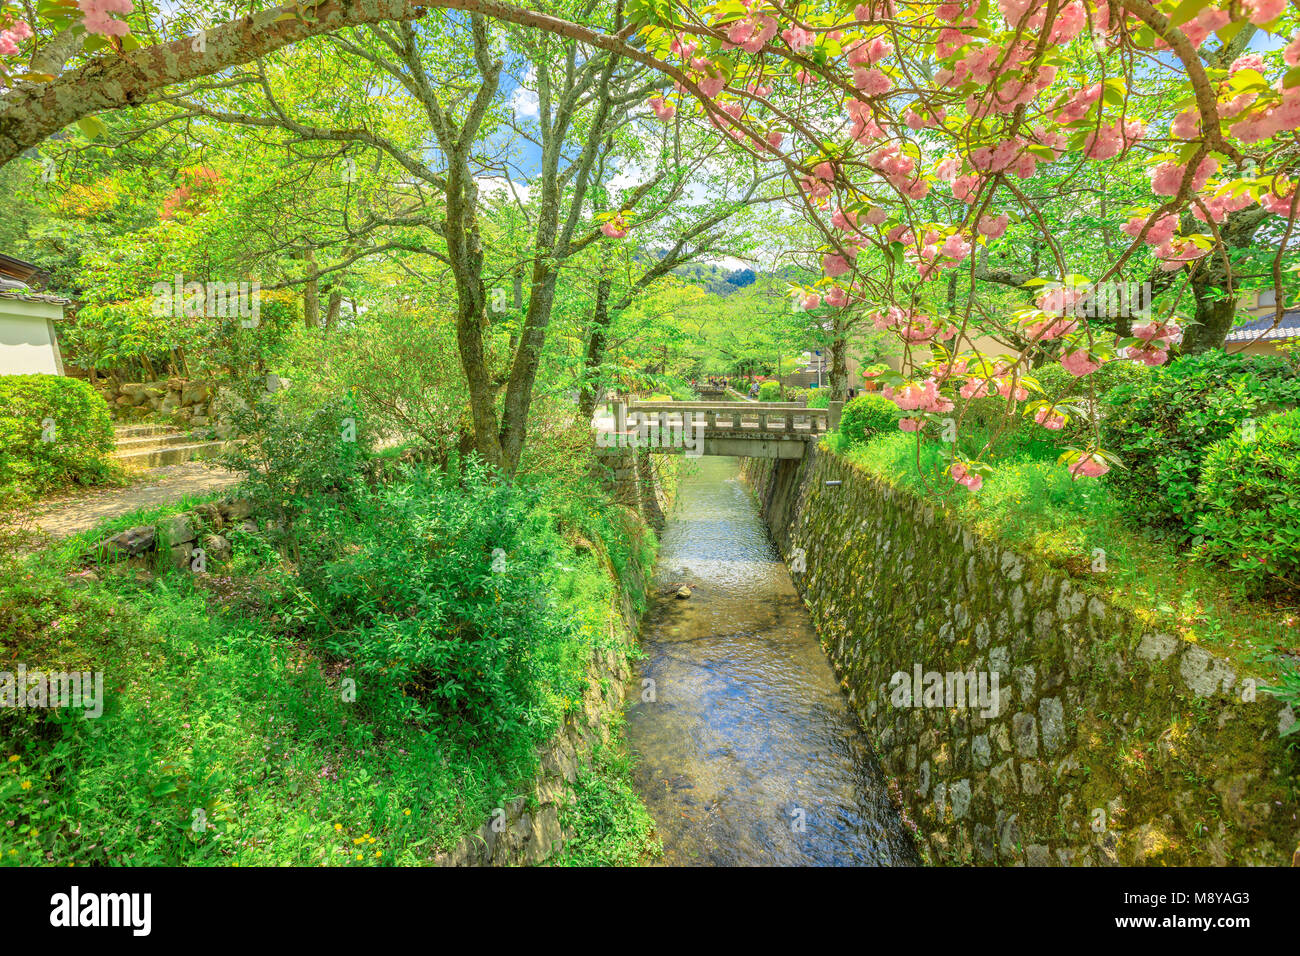 El paisaje del filósofo a pie también llamado Tetsugaku-no-michi, un sendero peatonal que sigue una cereza-canal arbolada en Kioto, Distrito Higashiyama, Japón. Foto de stock